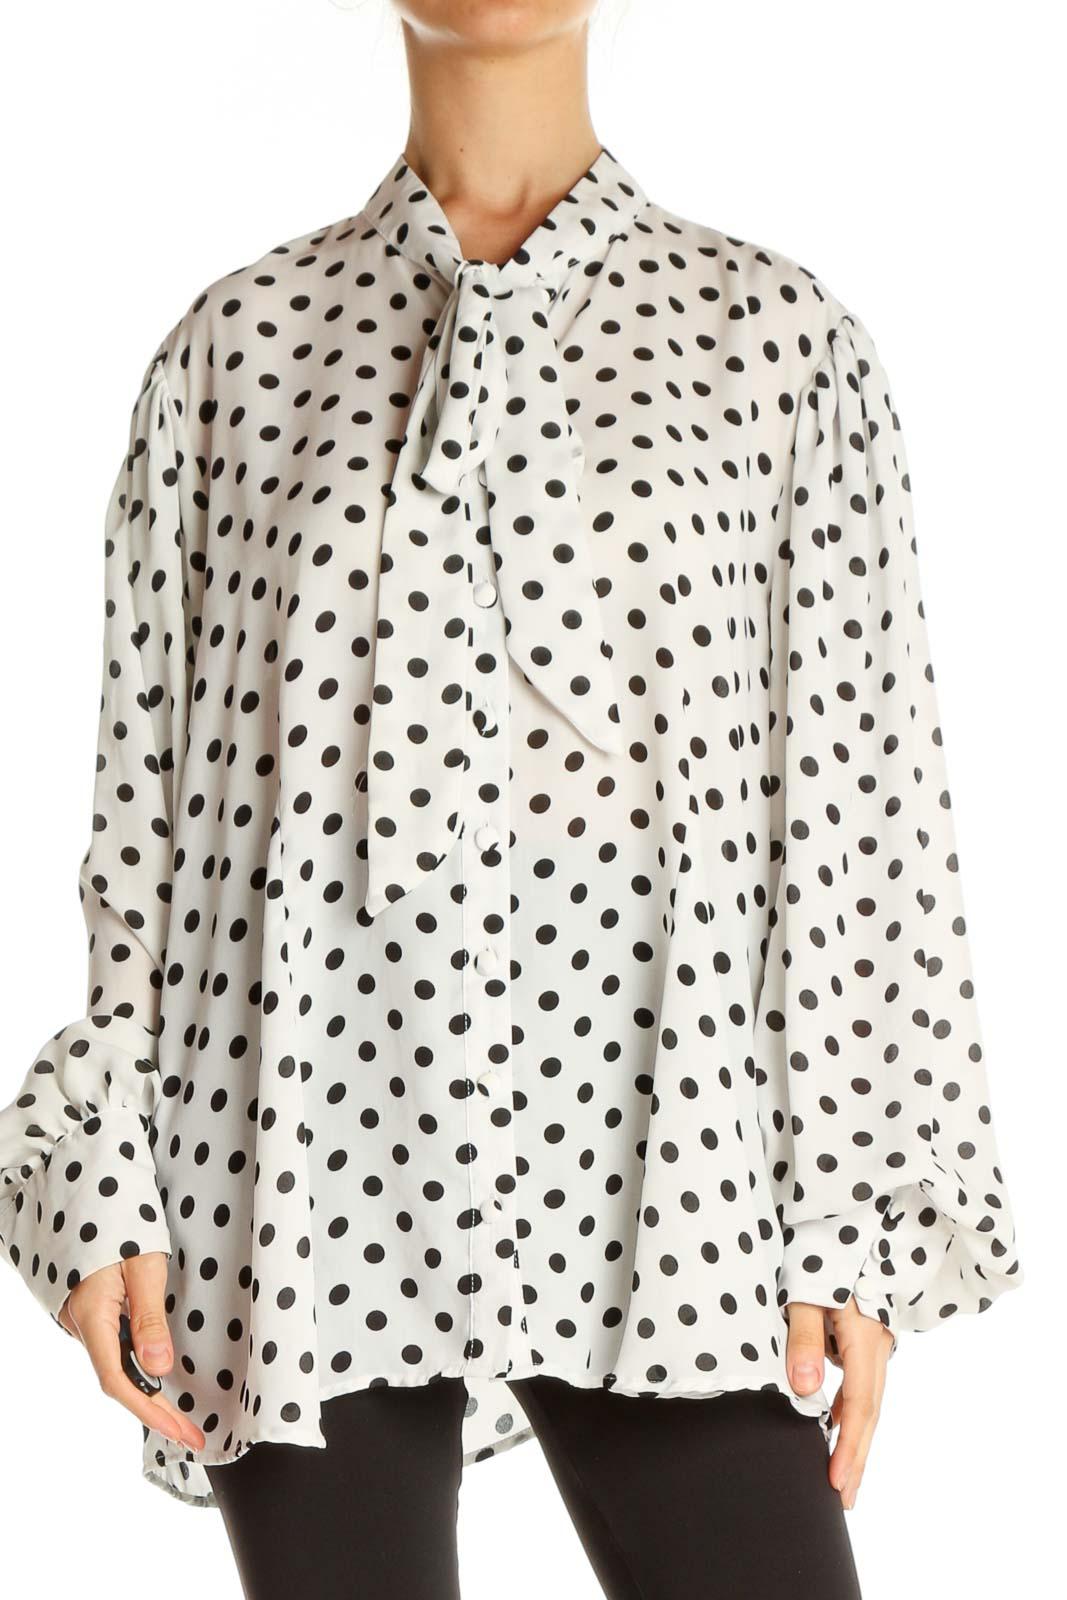 White Polka Dot Brunch Shirt Front